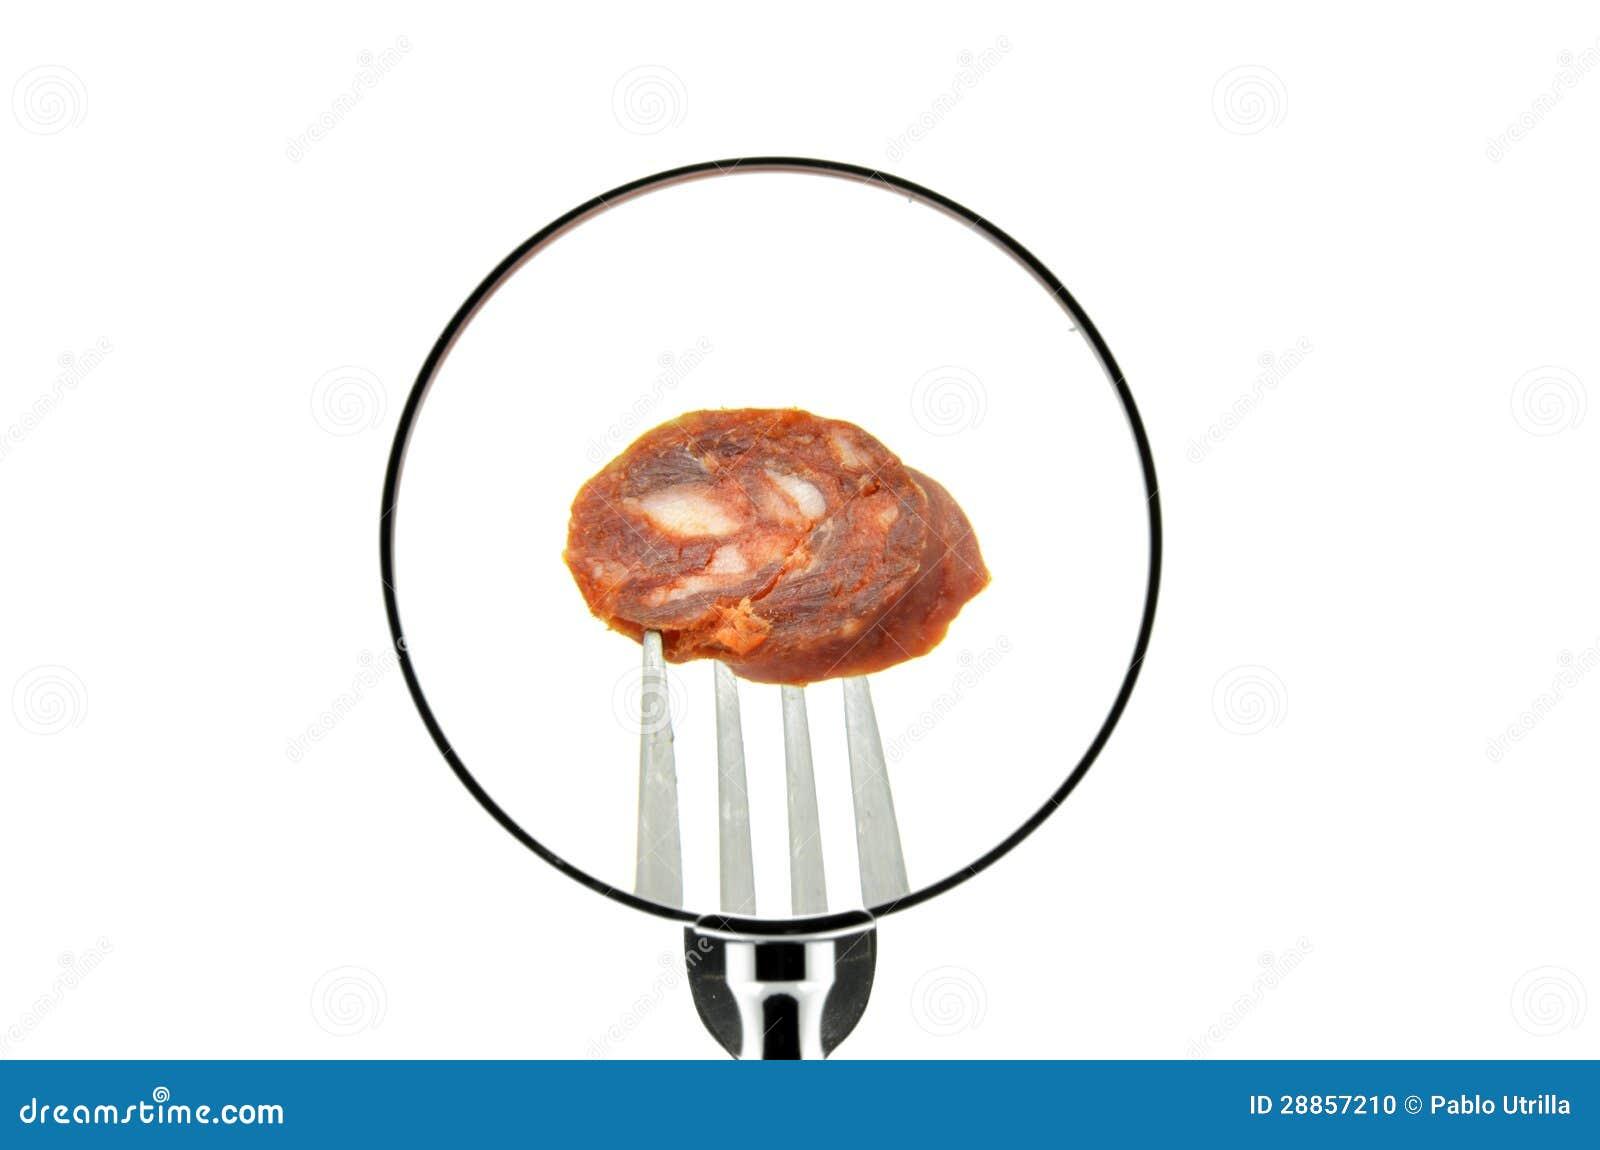 Een stuk van worst op een vork vernietigde gezien achter een vergrootglas